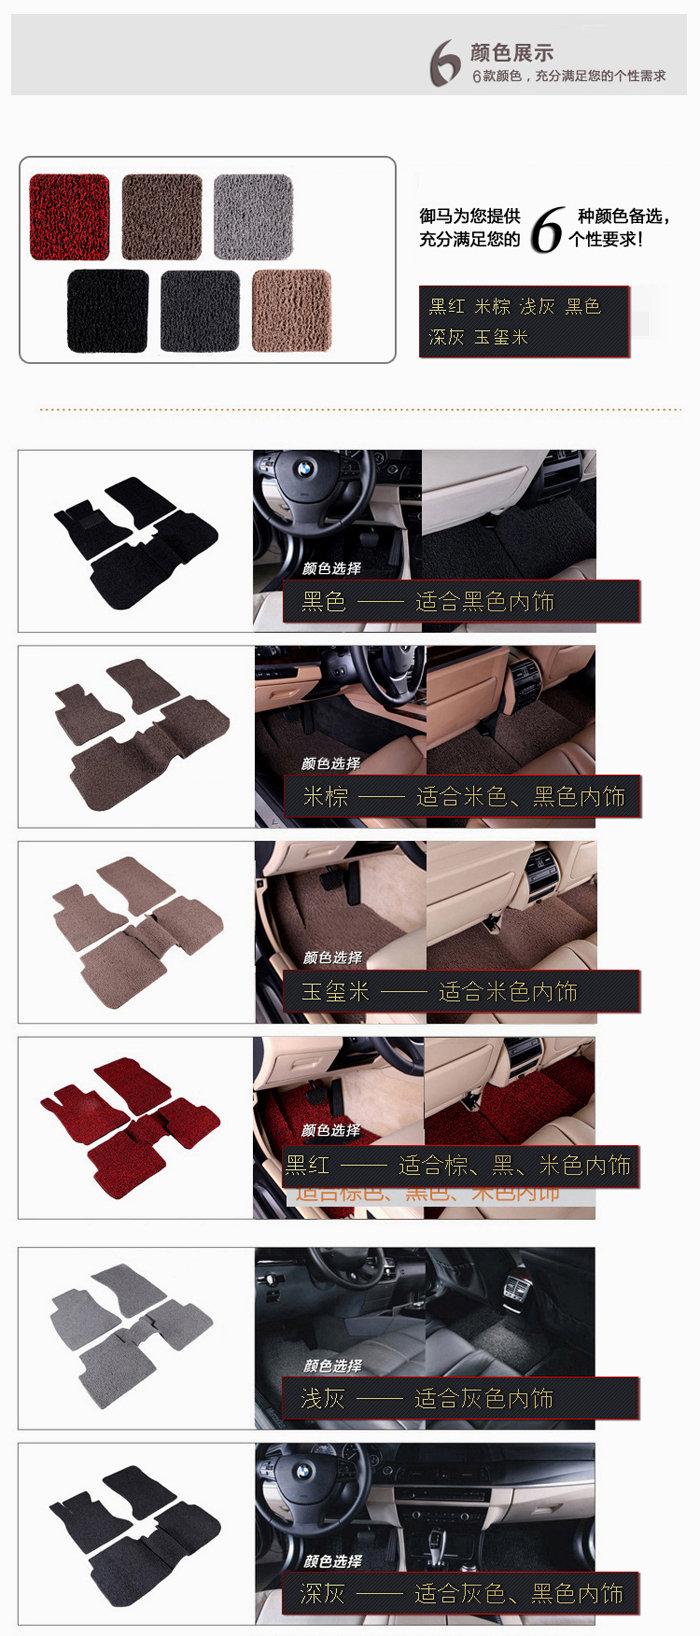 产品描述框素材